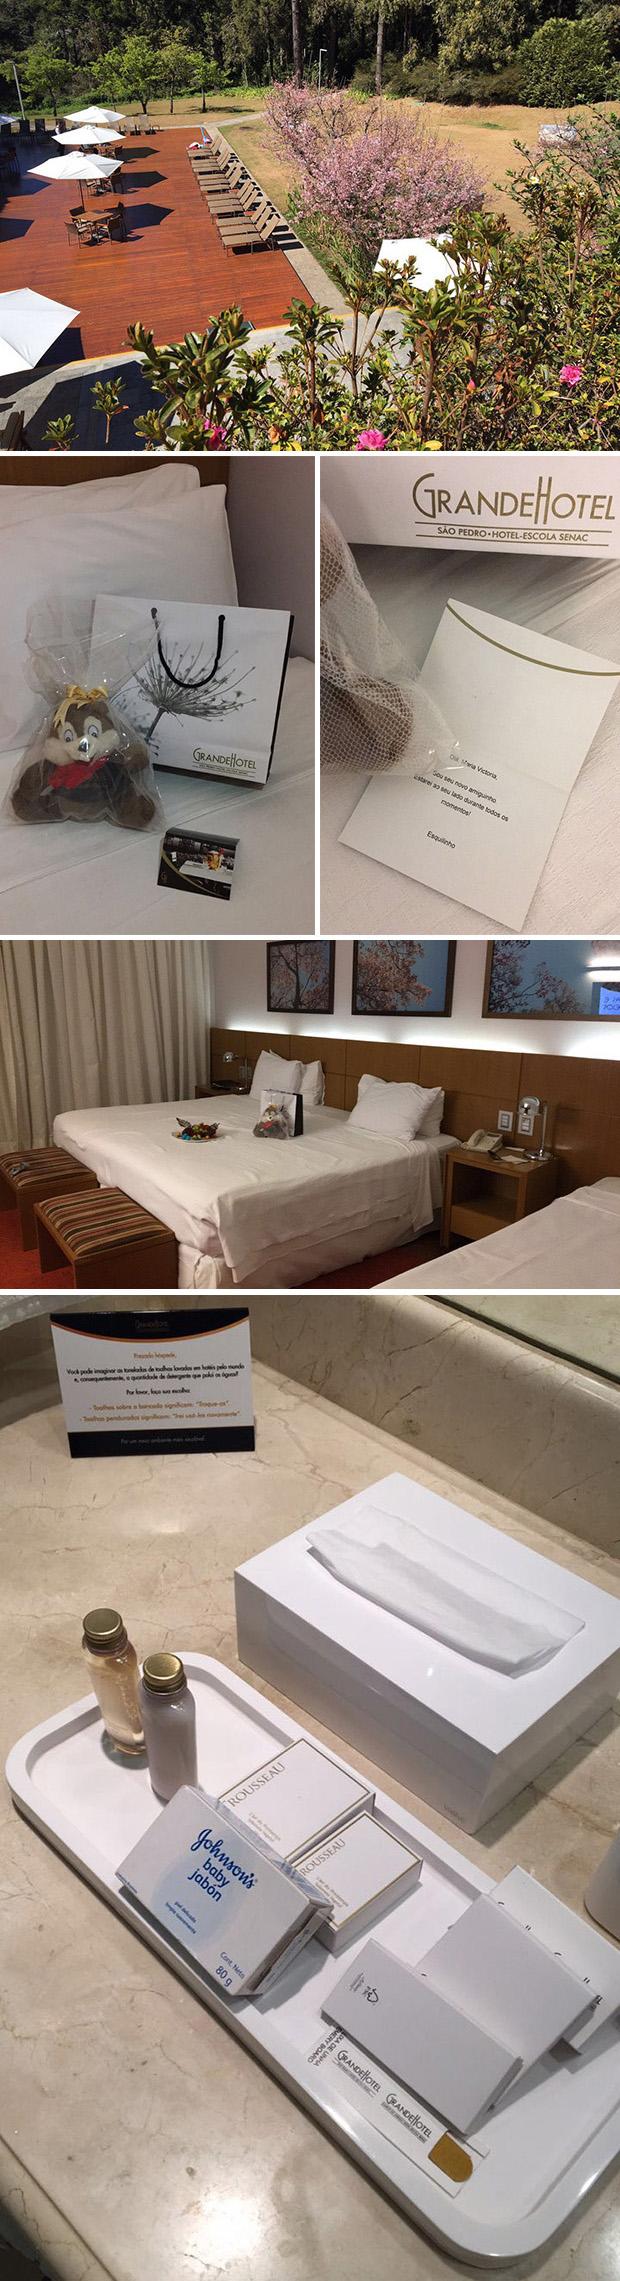 nosso final de semana em campos do jordao ask mi marina junqueira hotel pronto